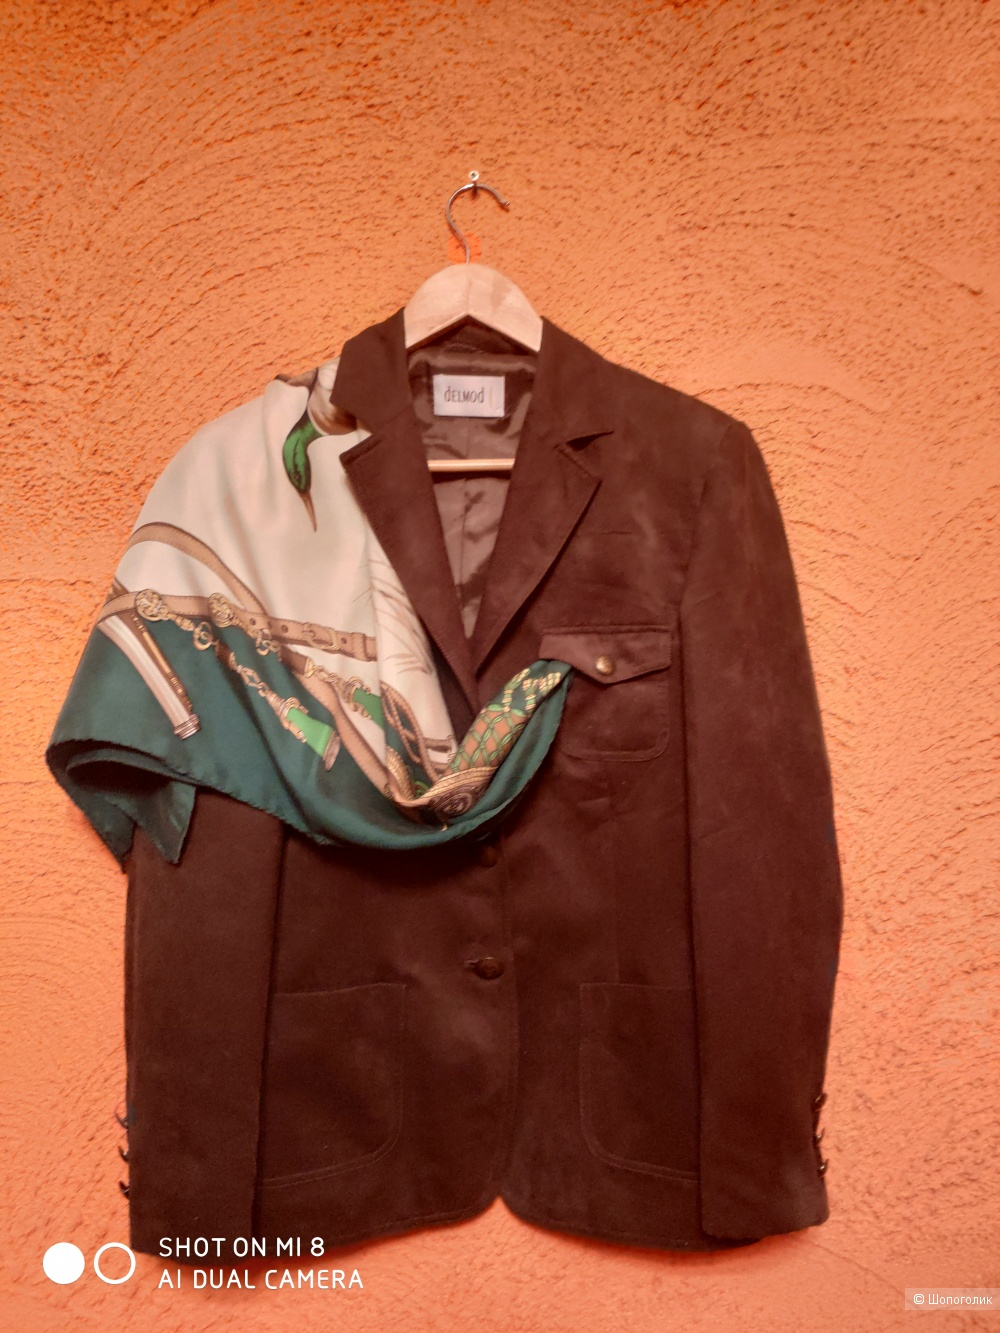 Пиджак/жакет марки Delmod, рос. размер 48-50